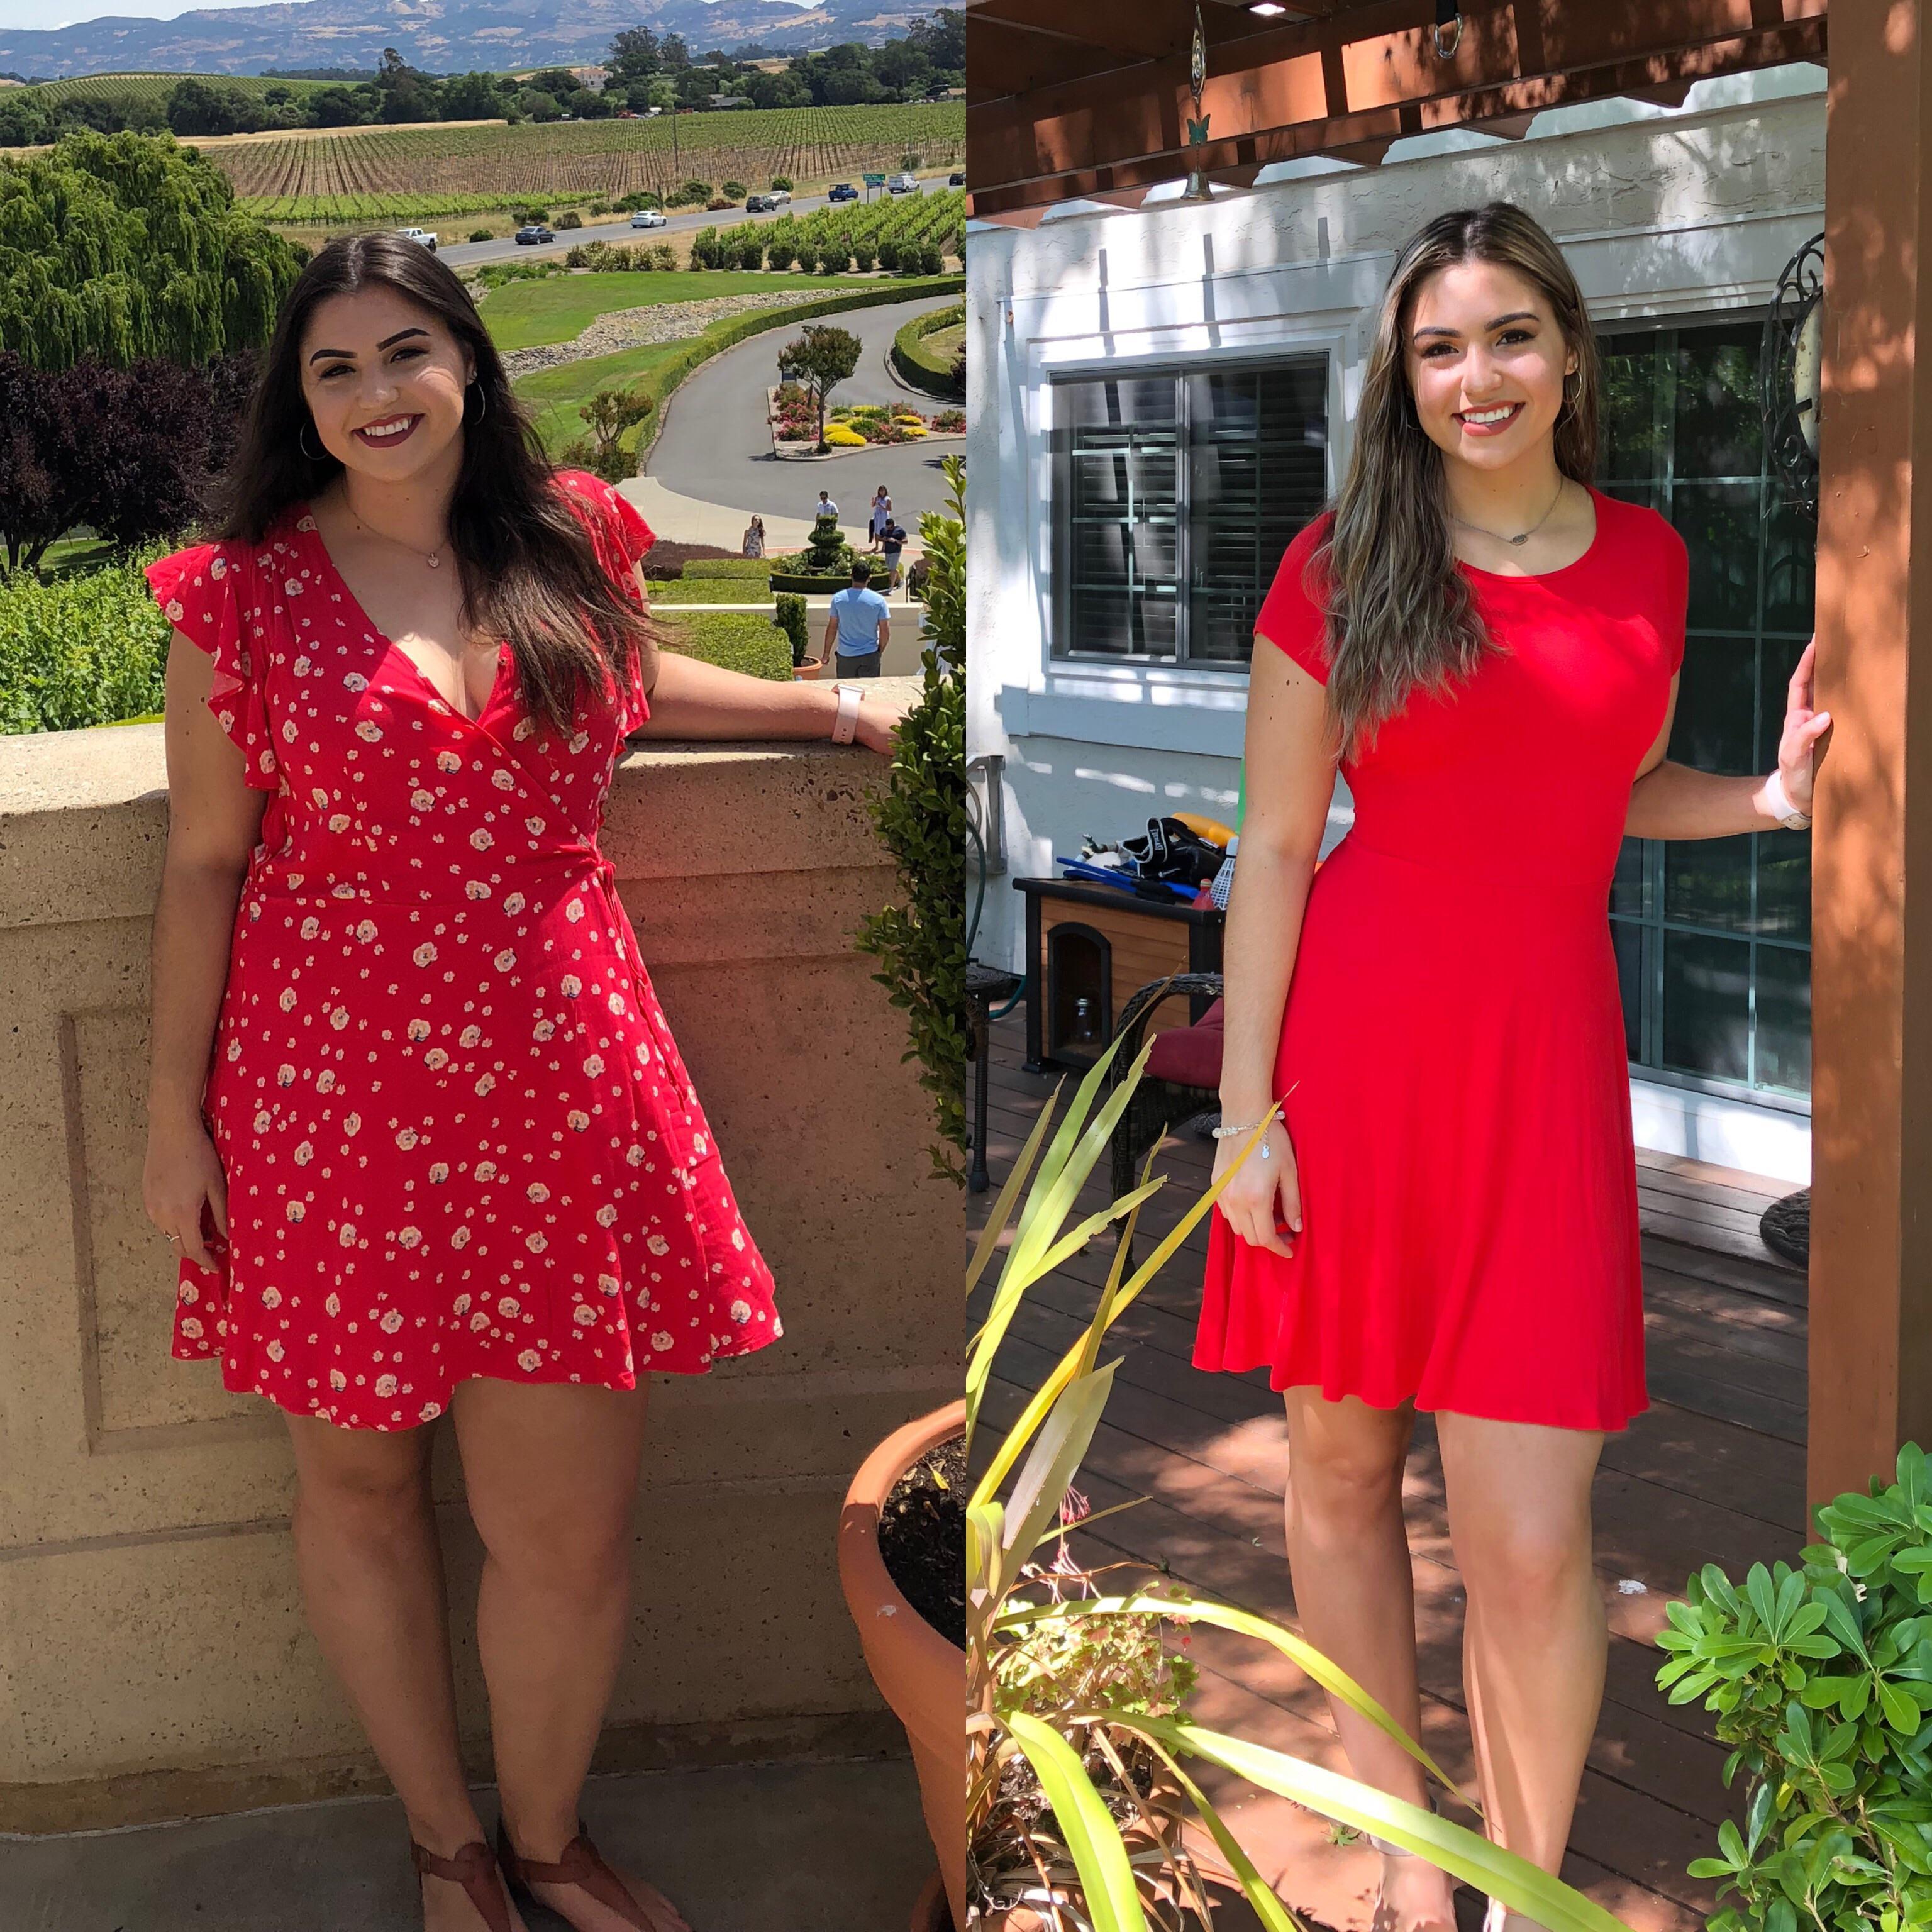 Progress Pics of 72 lbs Fat Loss 5 feet 10 Female 240 lbs to 168 lbs